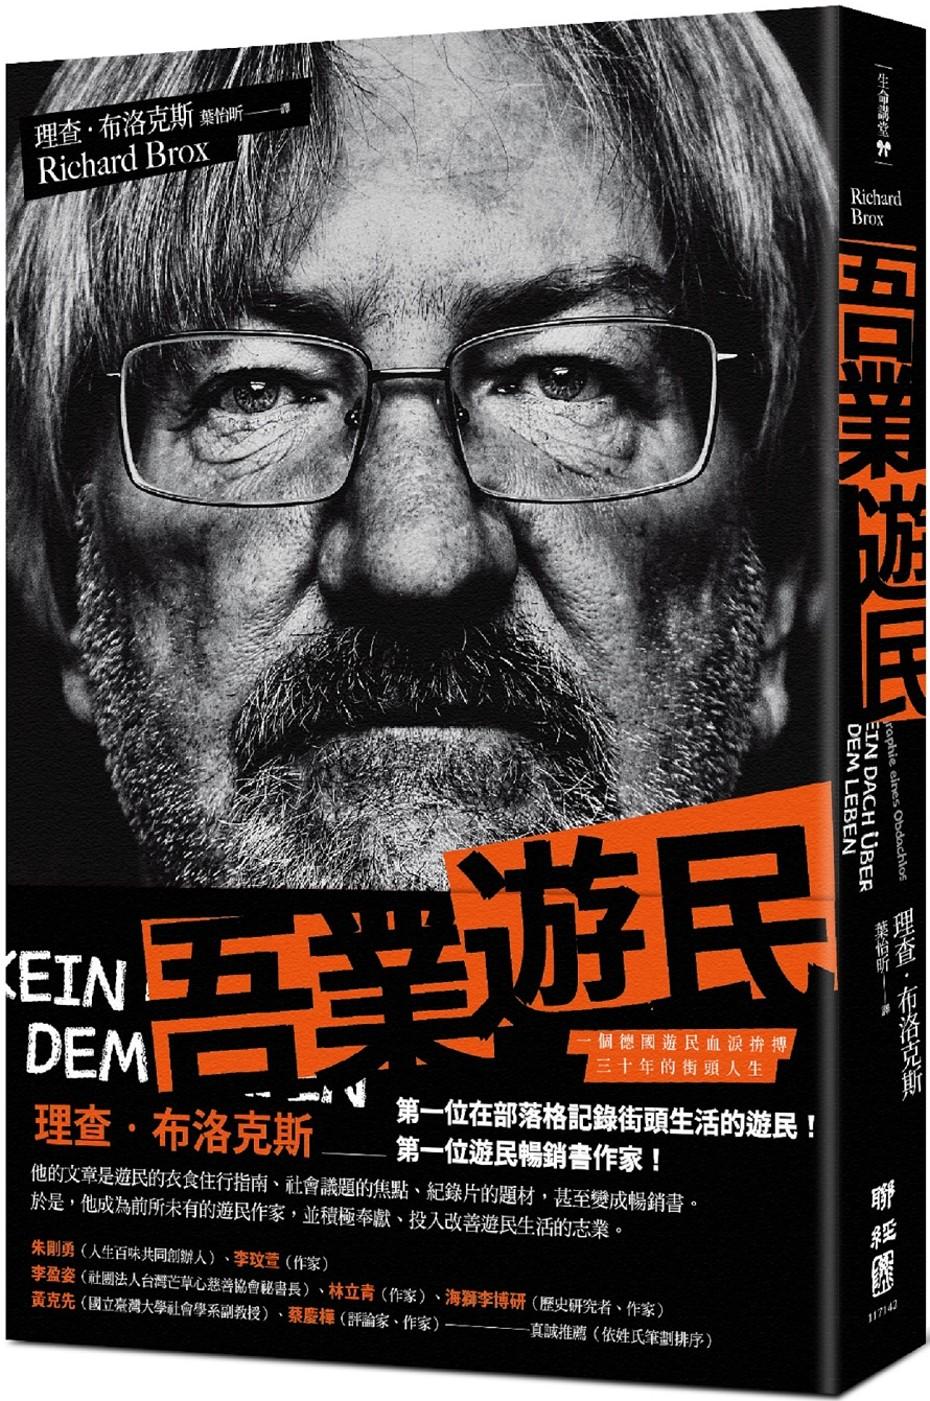 吾業遊民:一個德國遊民血淚拚搏三十年的街頭人生